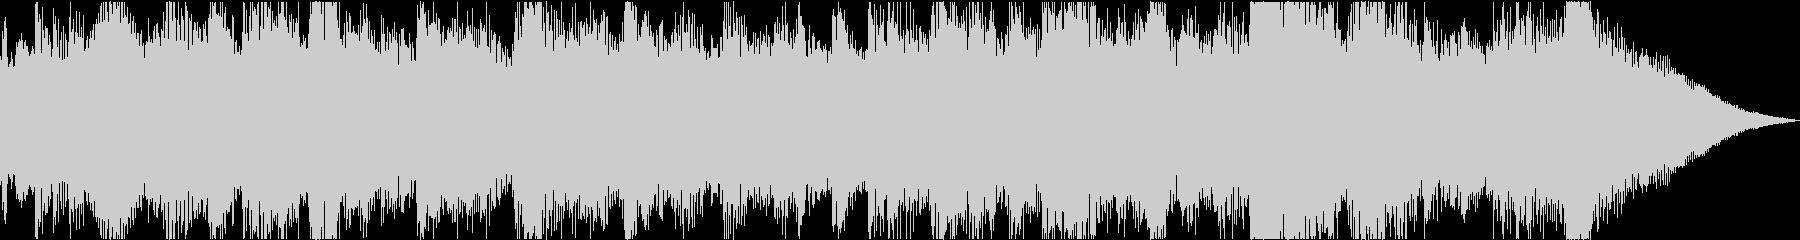 【20秒】プロローグ的な/ラジオCM用の未再生の波形